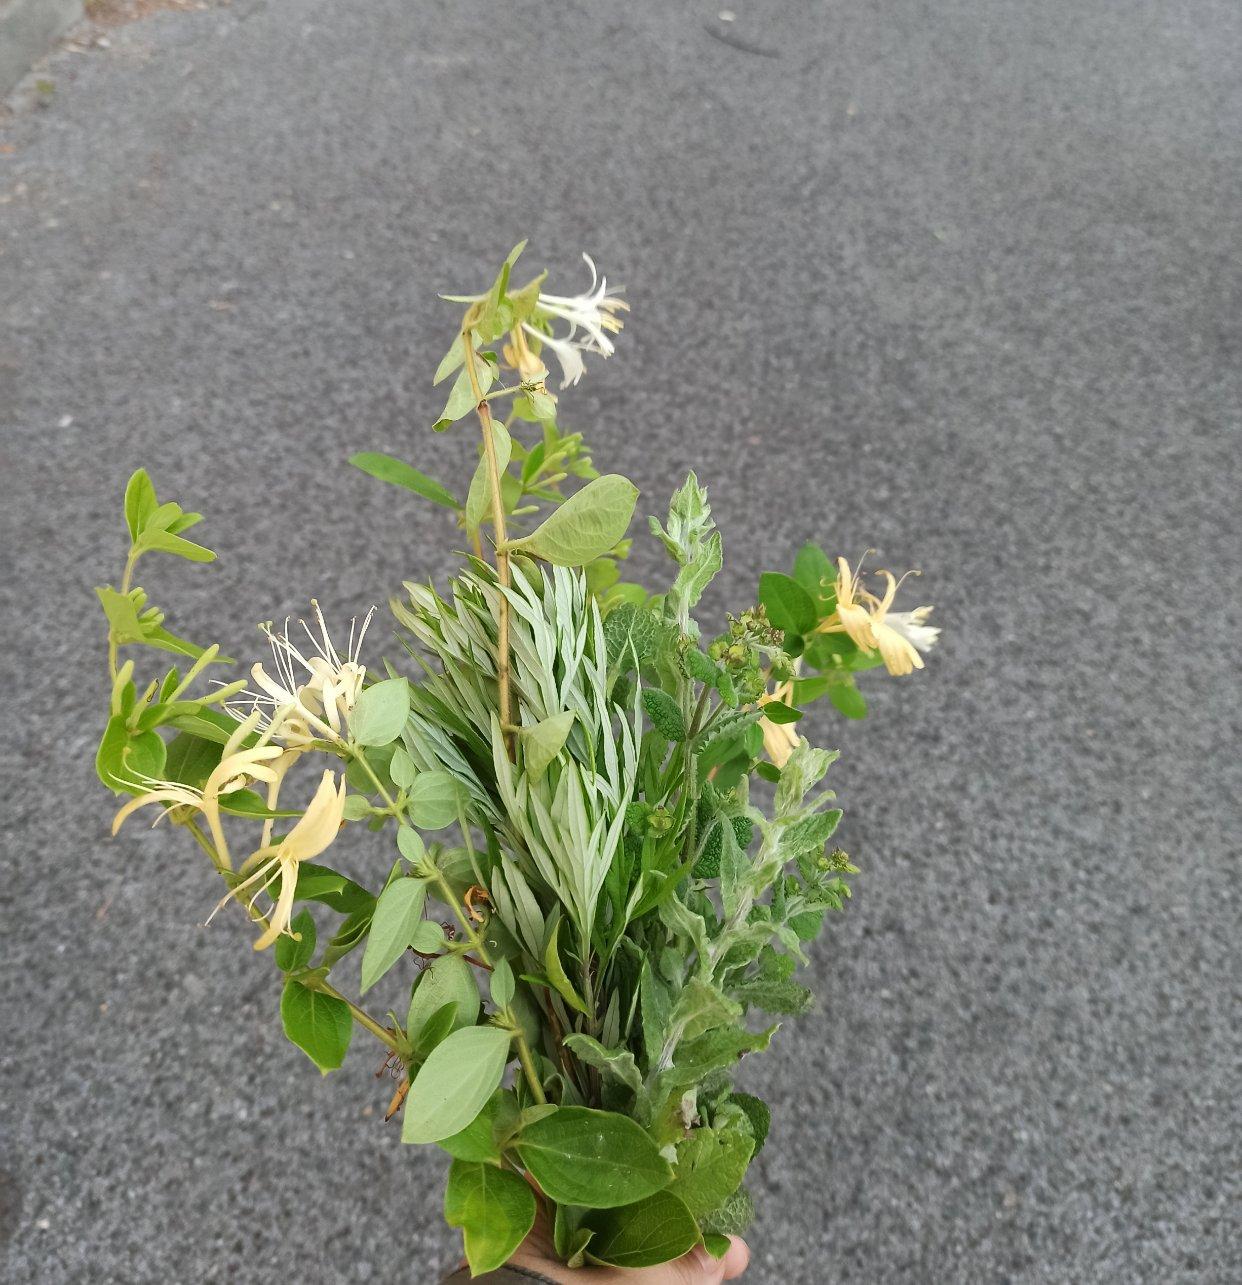 做一把美美的艾草薄荷金银花吧